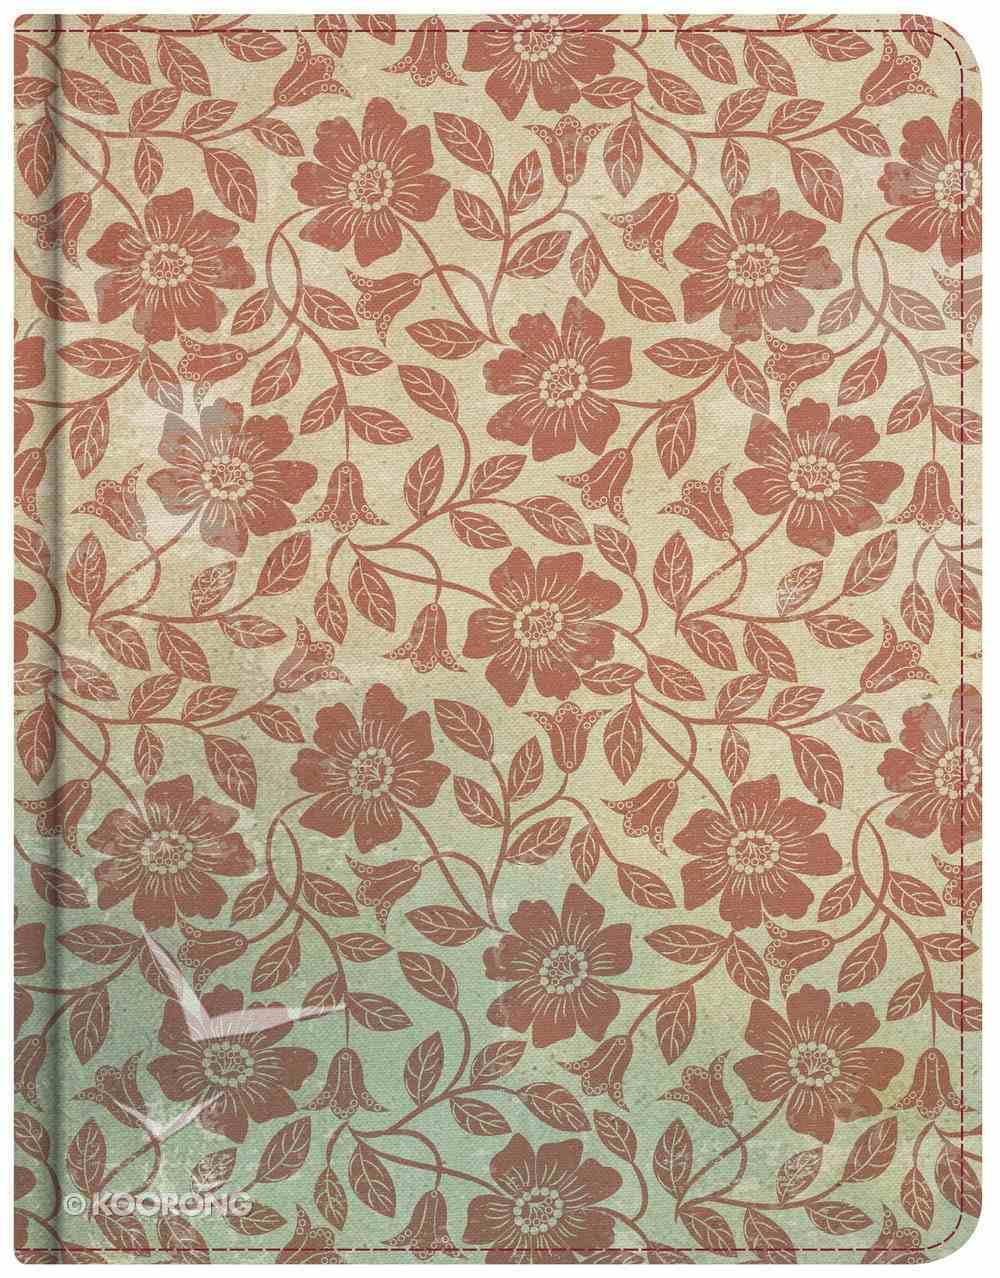 KJV Notetaking Bible Red Floral Bonded Leather